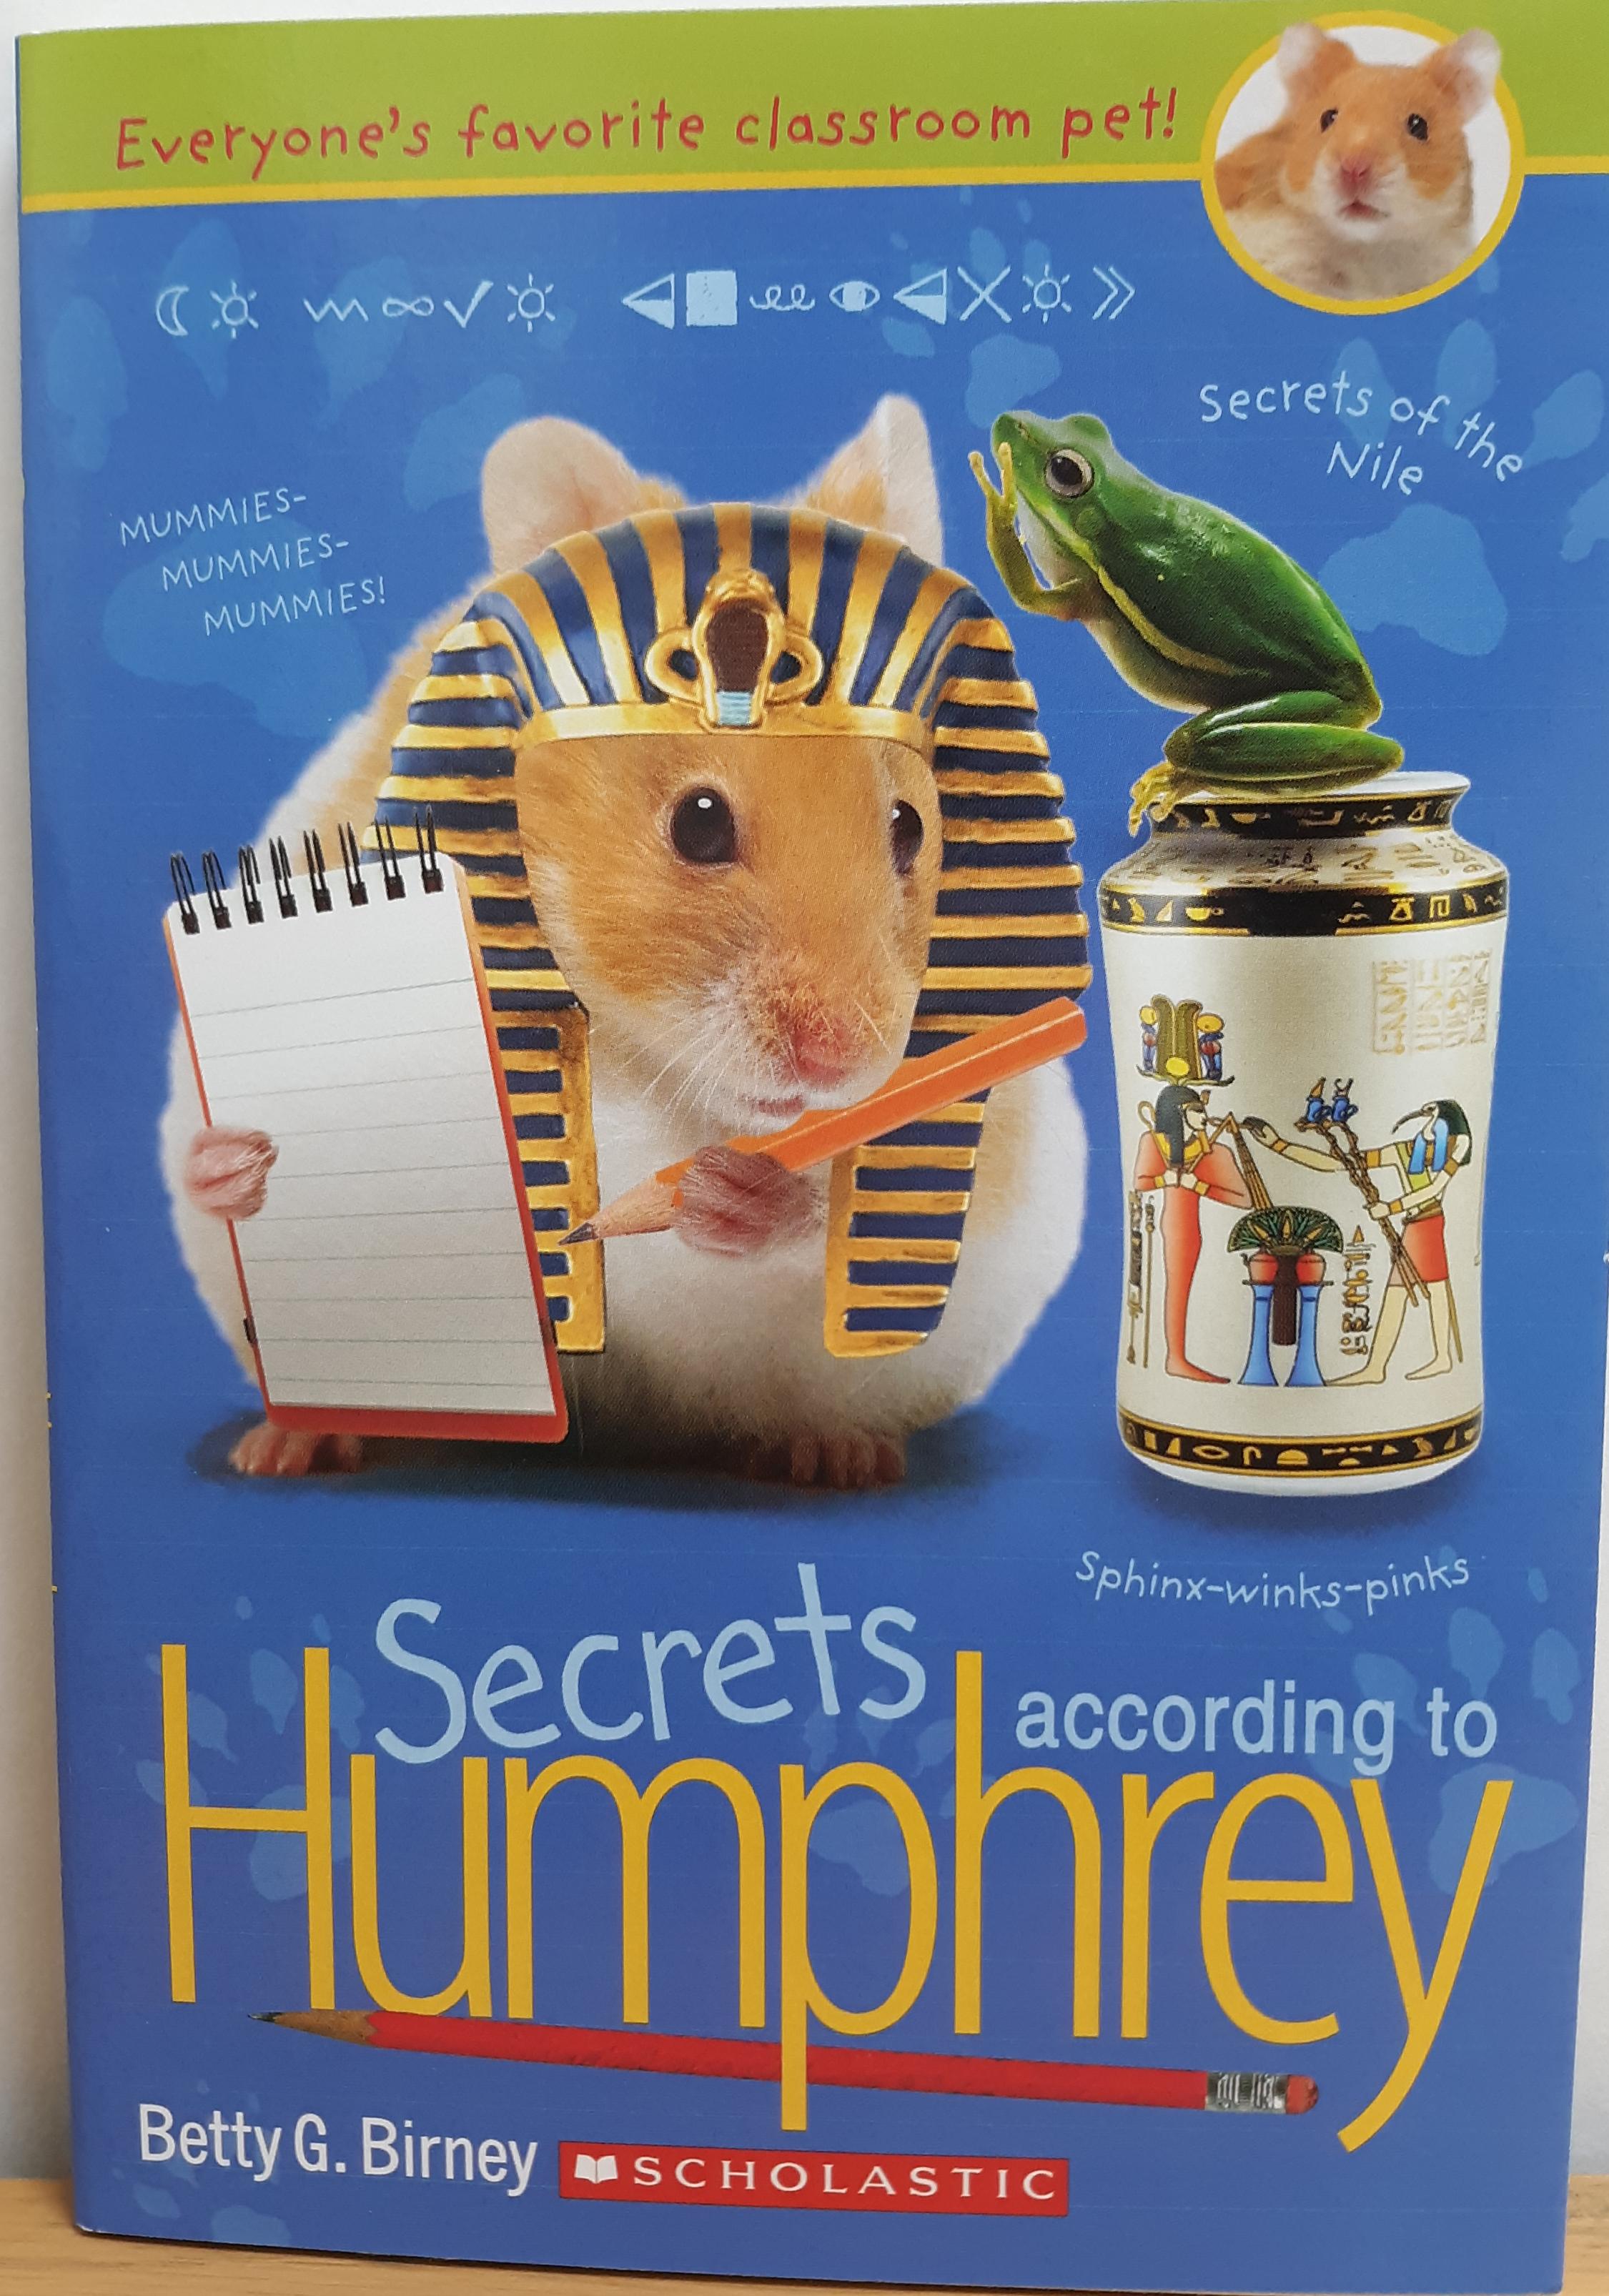 https://0201.nccdn.net/4_2/000/000/071/260/humphrey-secrets.png